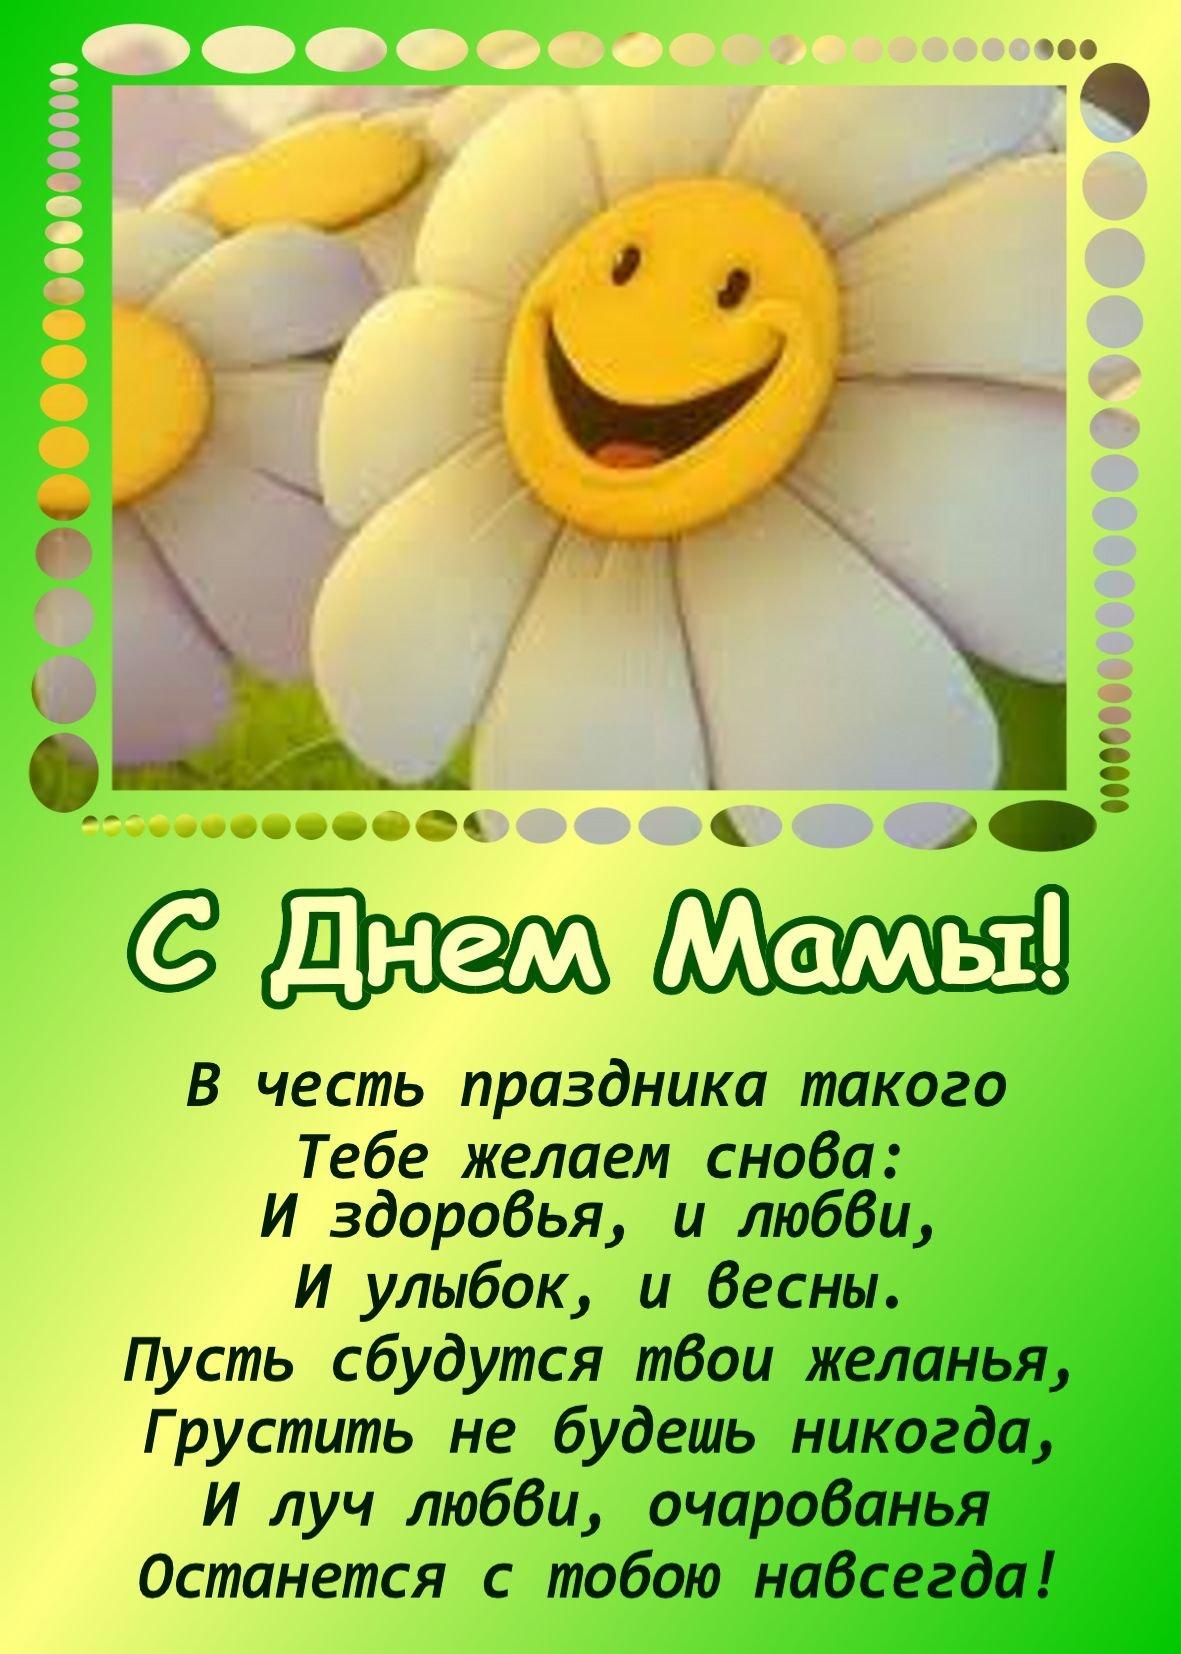 Пожелания картинки, картинки поздравления с днем матери от детей в детском саду